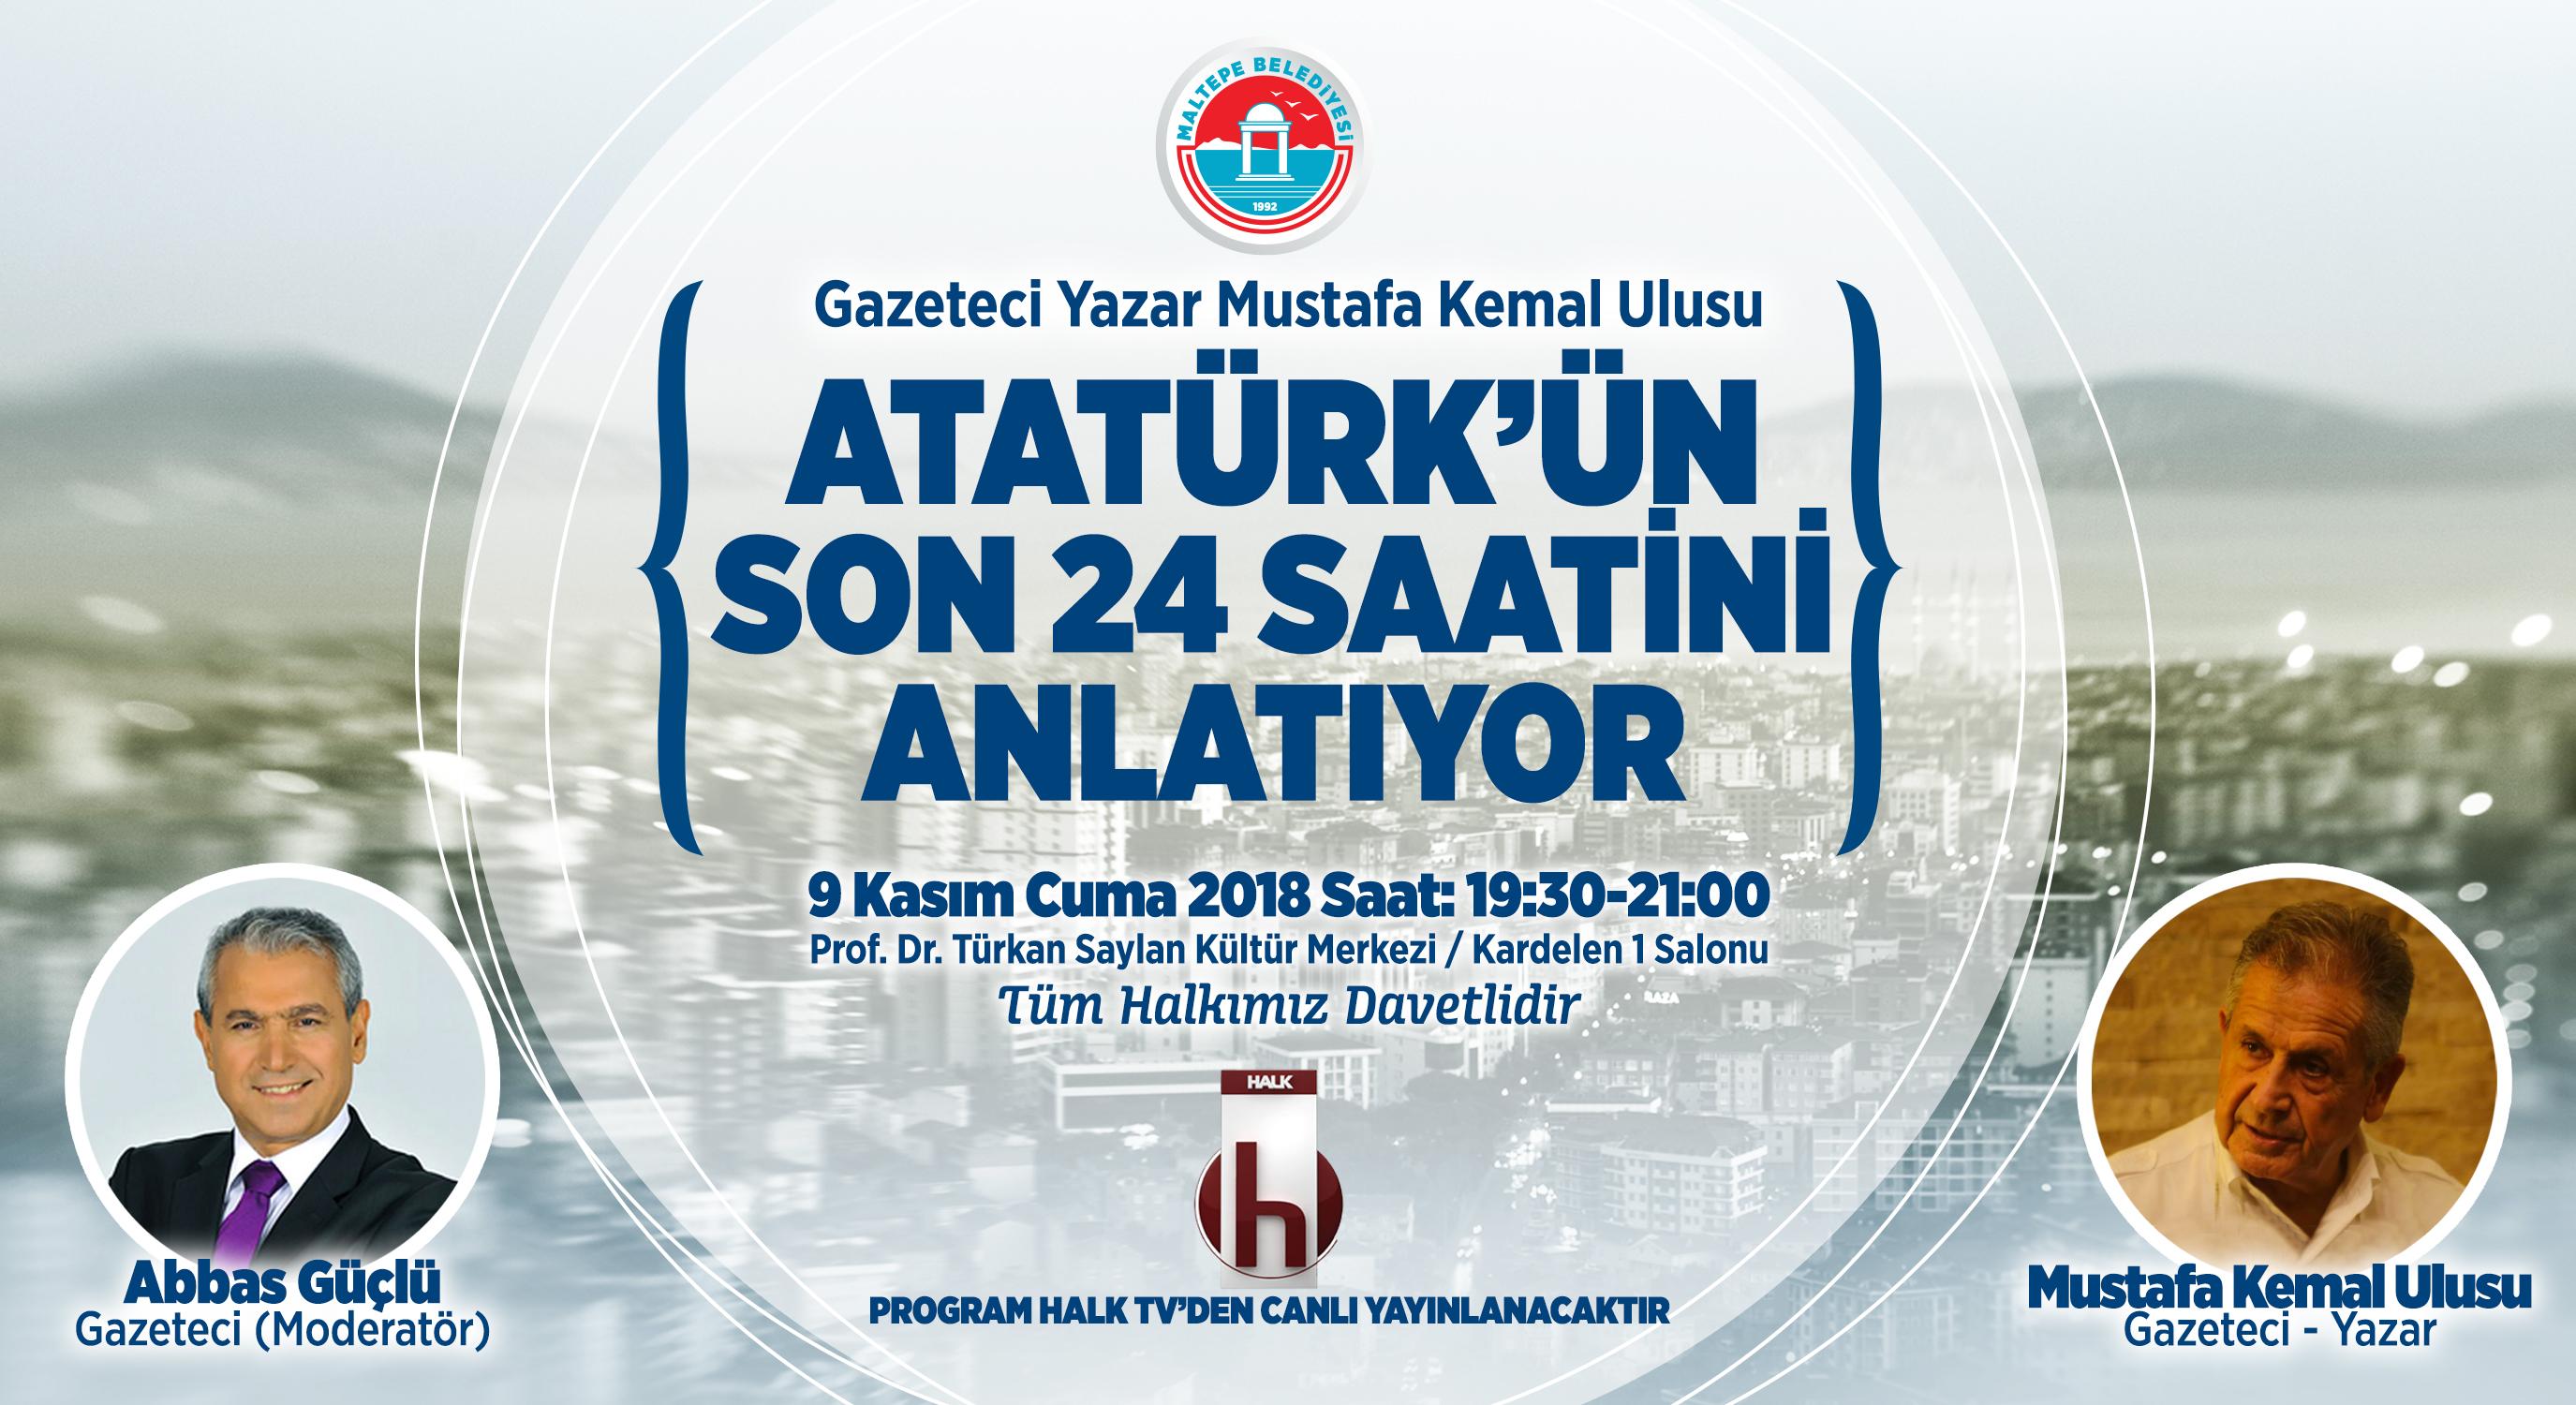 Atatürk'ün son 24 saati...